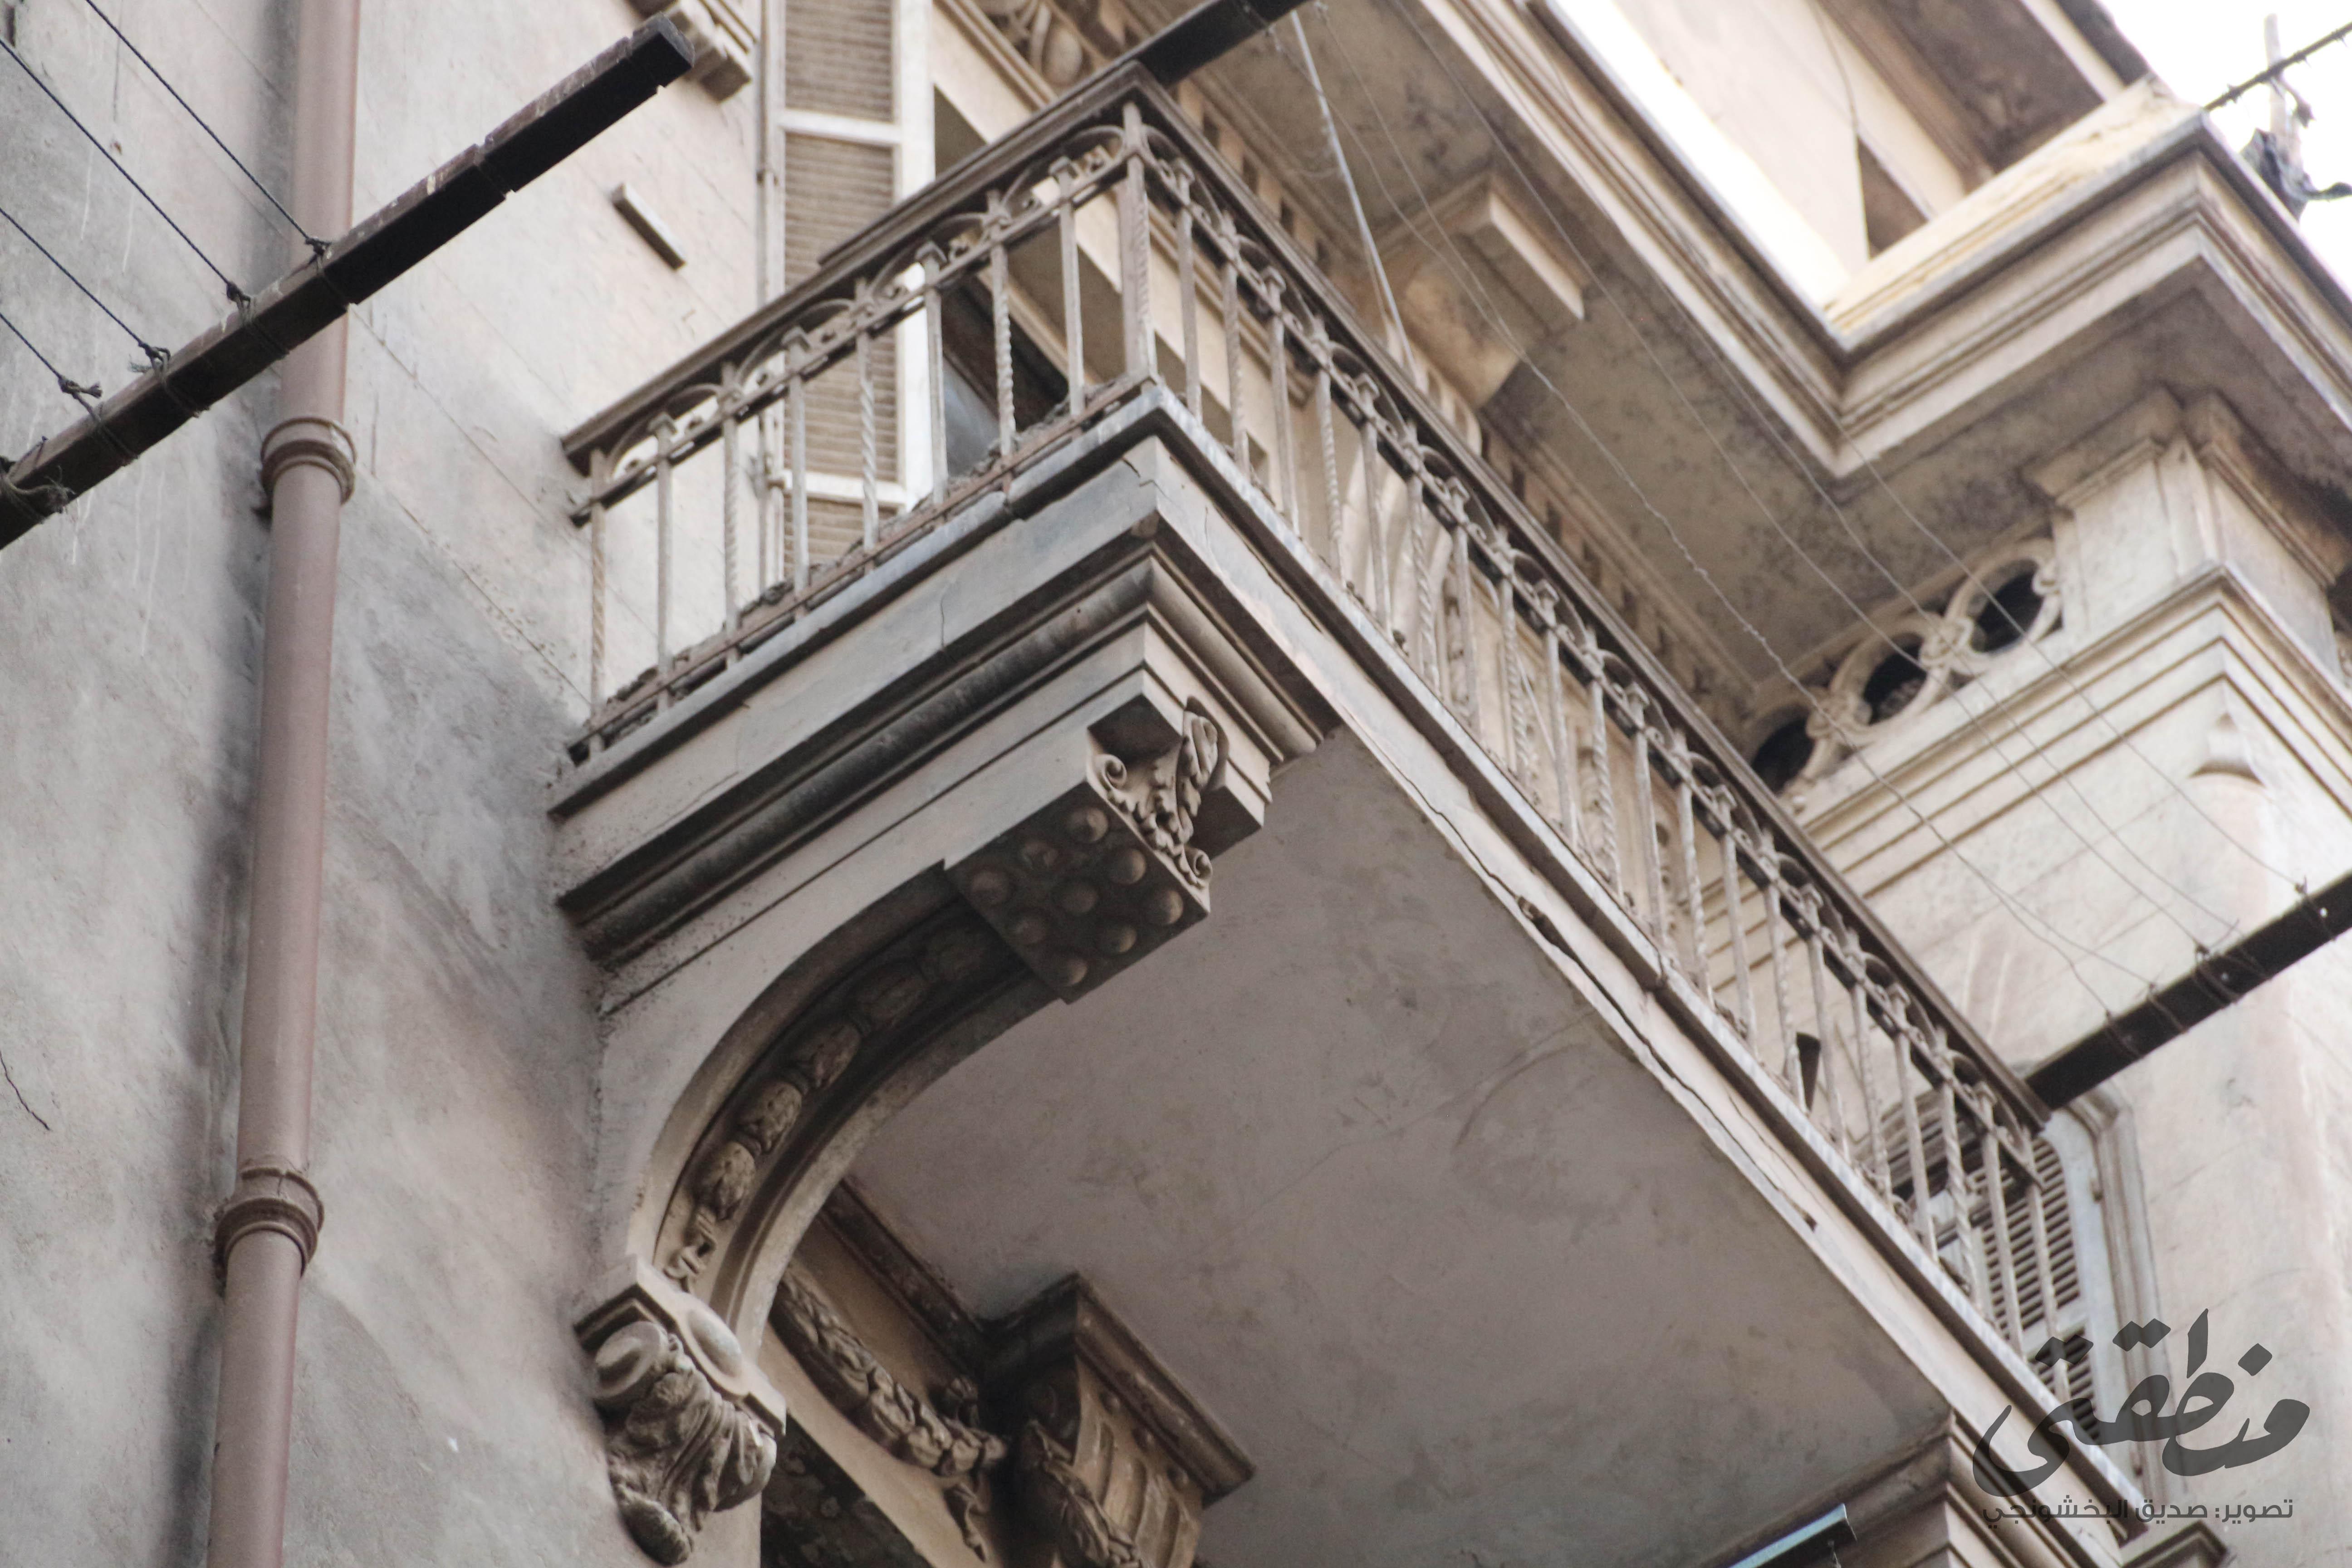 بعض المنازل في مثلث ماسبيرو تحتفظ بزخارفها المعمارية المتميزة